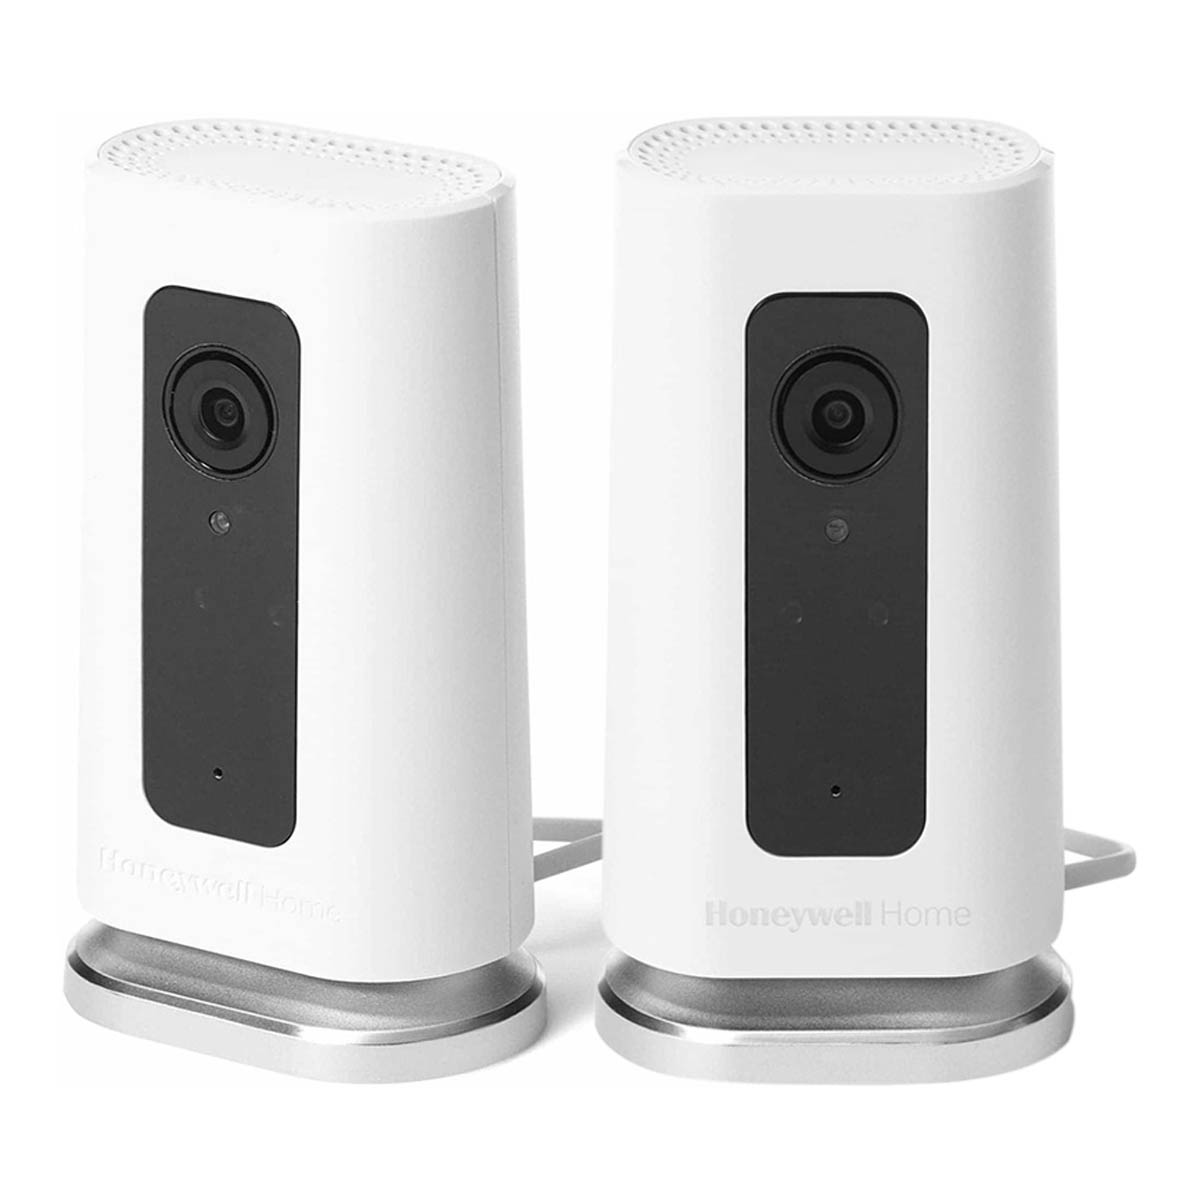 Camara Seguridad Interior C1 Con Wi Fi 2 Pzs Casa Honeywell